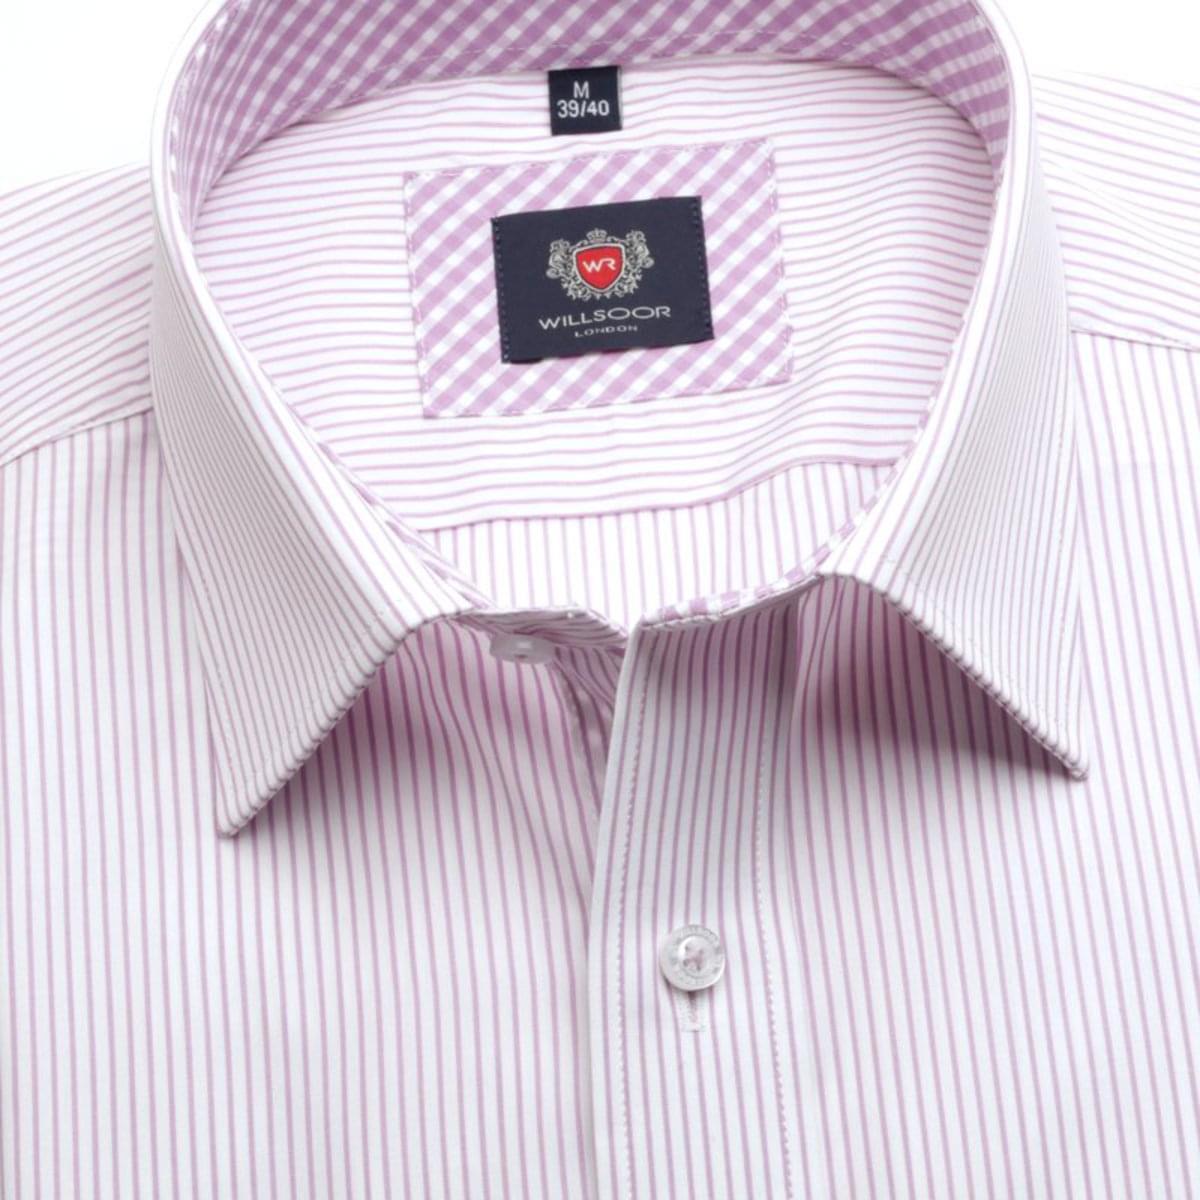 83114e5118e0 Pánska slim fit košeľa London (výška 176-182) 7406 v biele farbe s